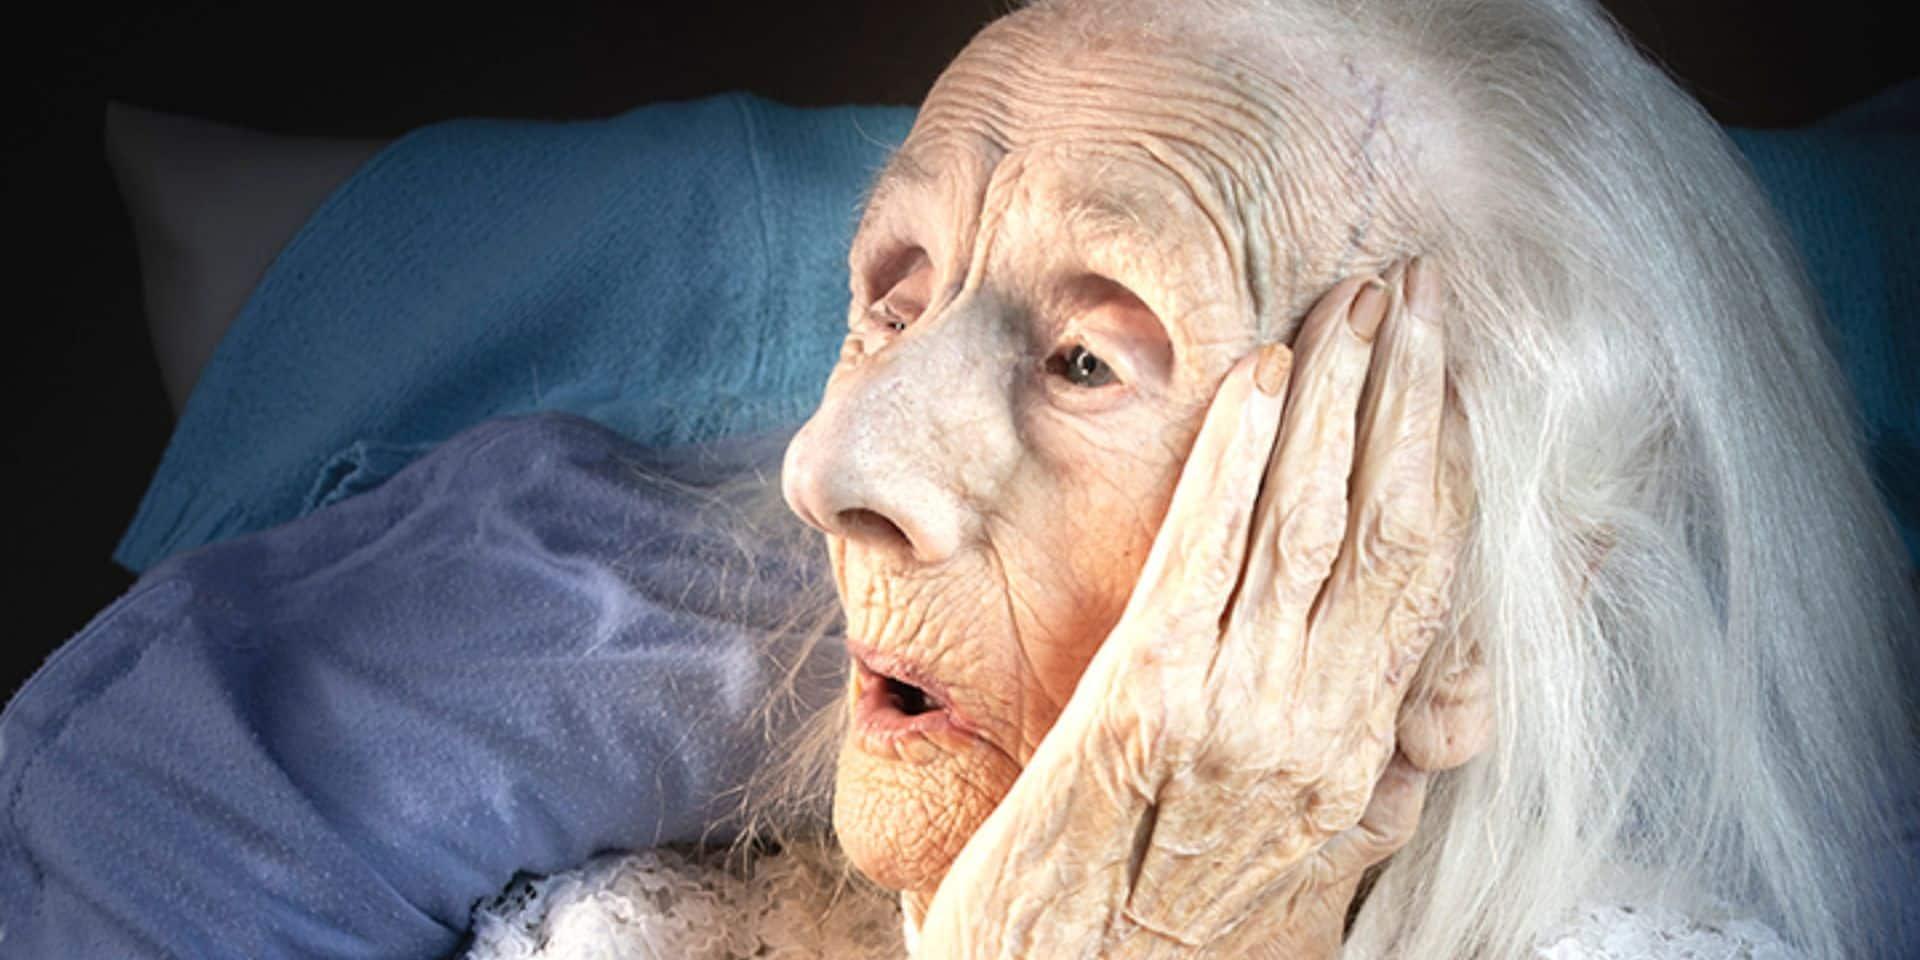 La doyenne des Belges est décédée à l'âge de 111 ans